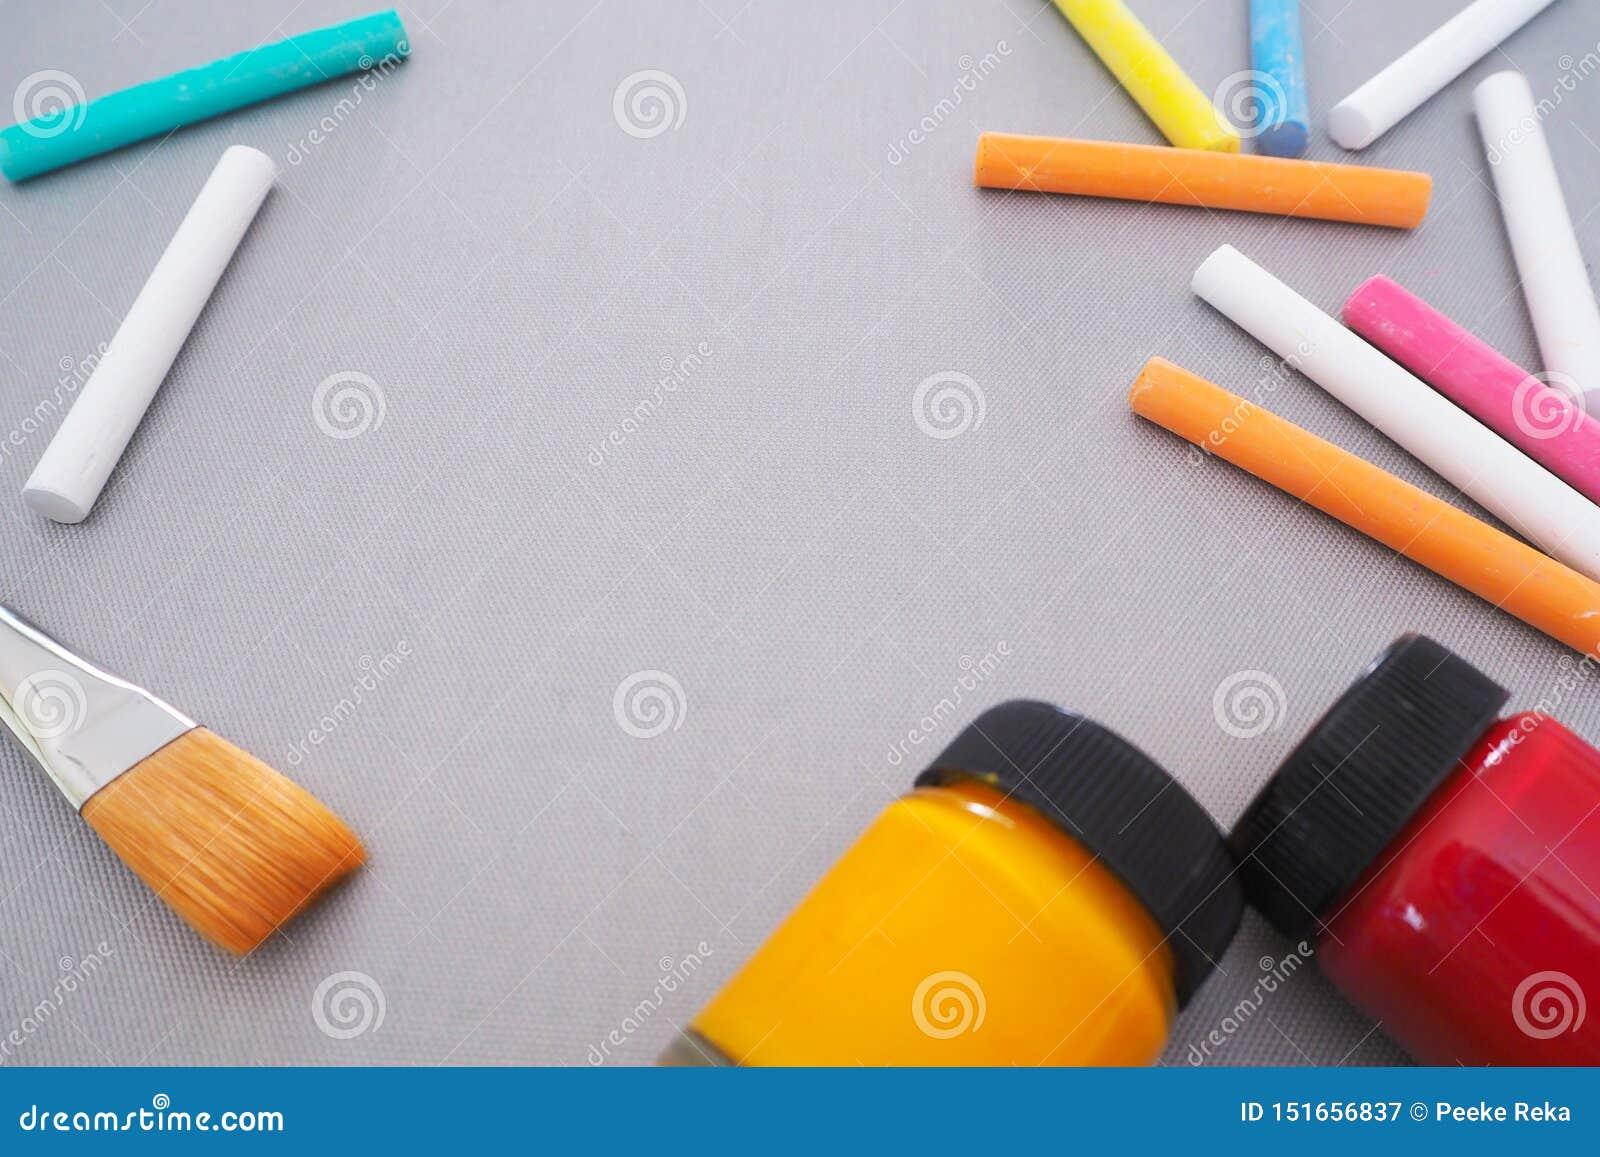 Hintergrund mit Raum für zeichnende Kunst mit bunter Kreidekunst